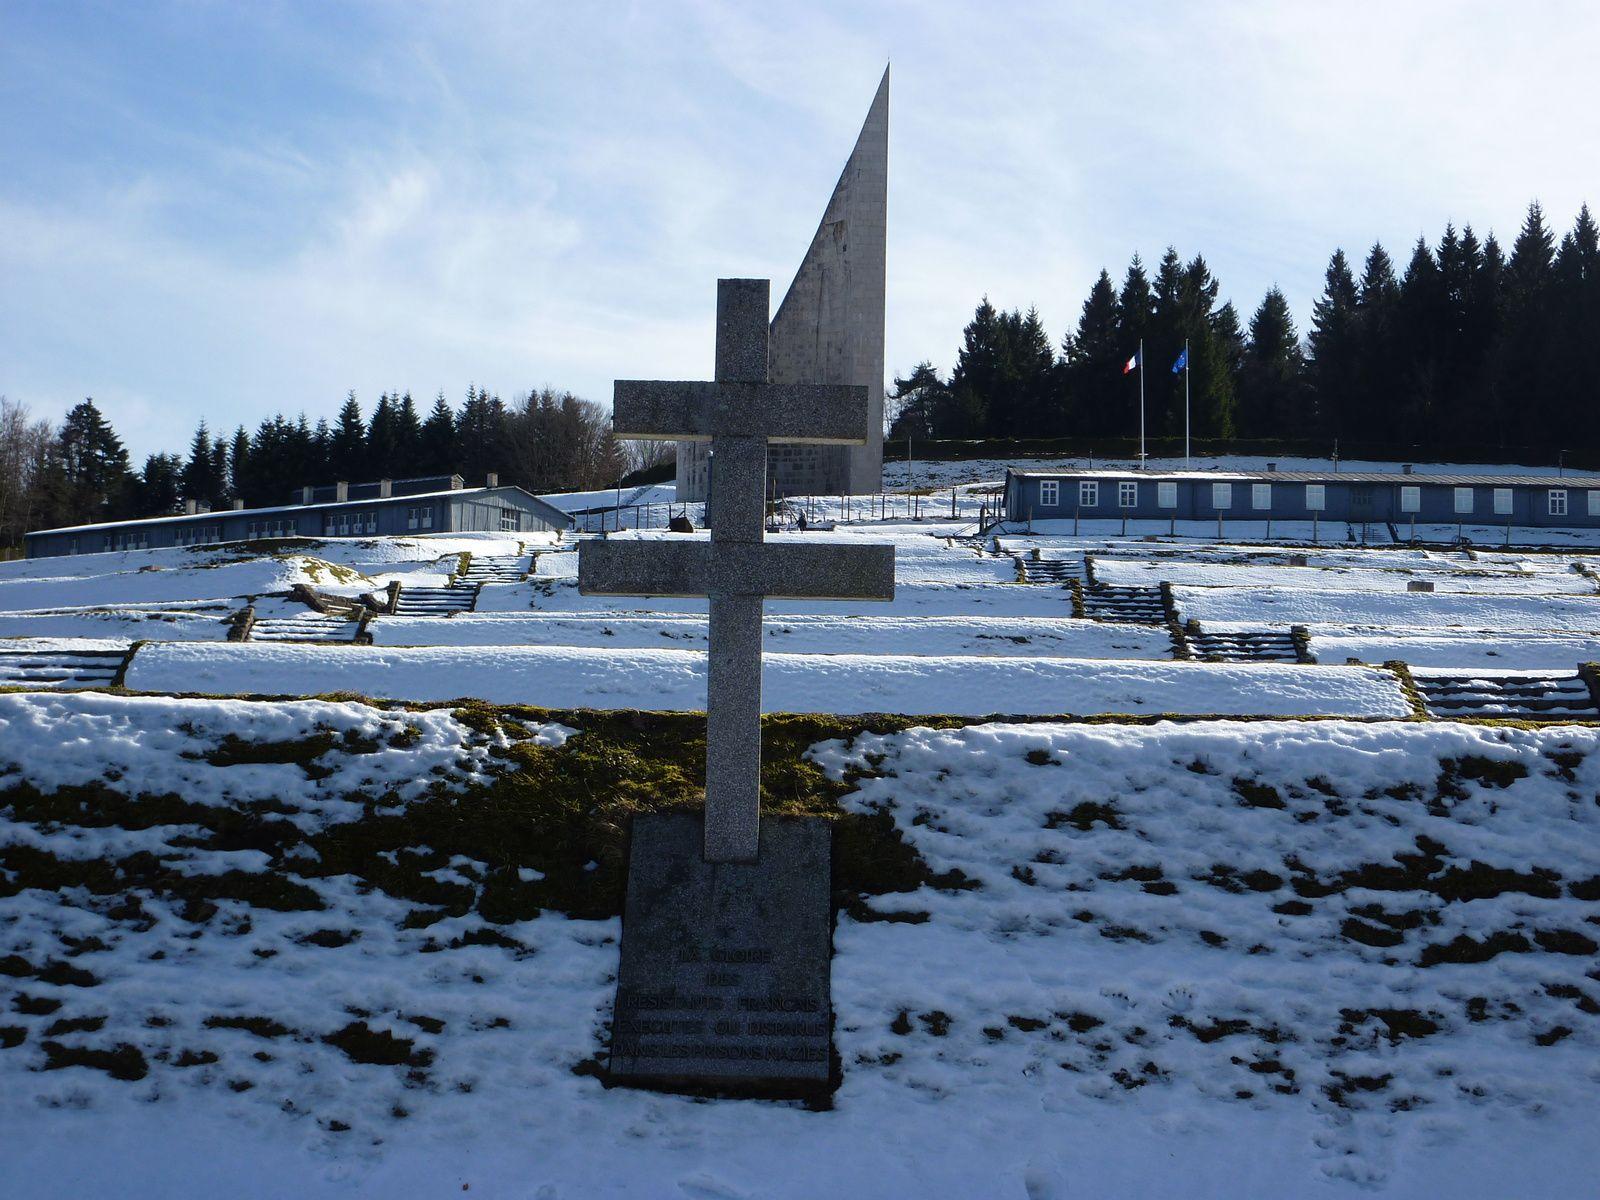 Ancien camp de Natzwiller-Struthof. Croix de Lorraine et Monument dédié à la mémoire des déportés inaugurés par Charles de Gaulle en 1960.